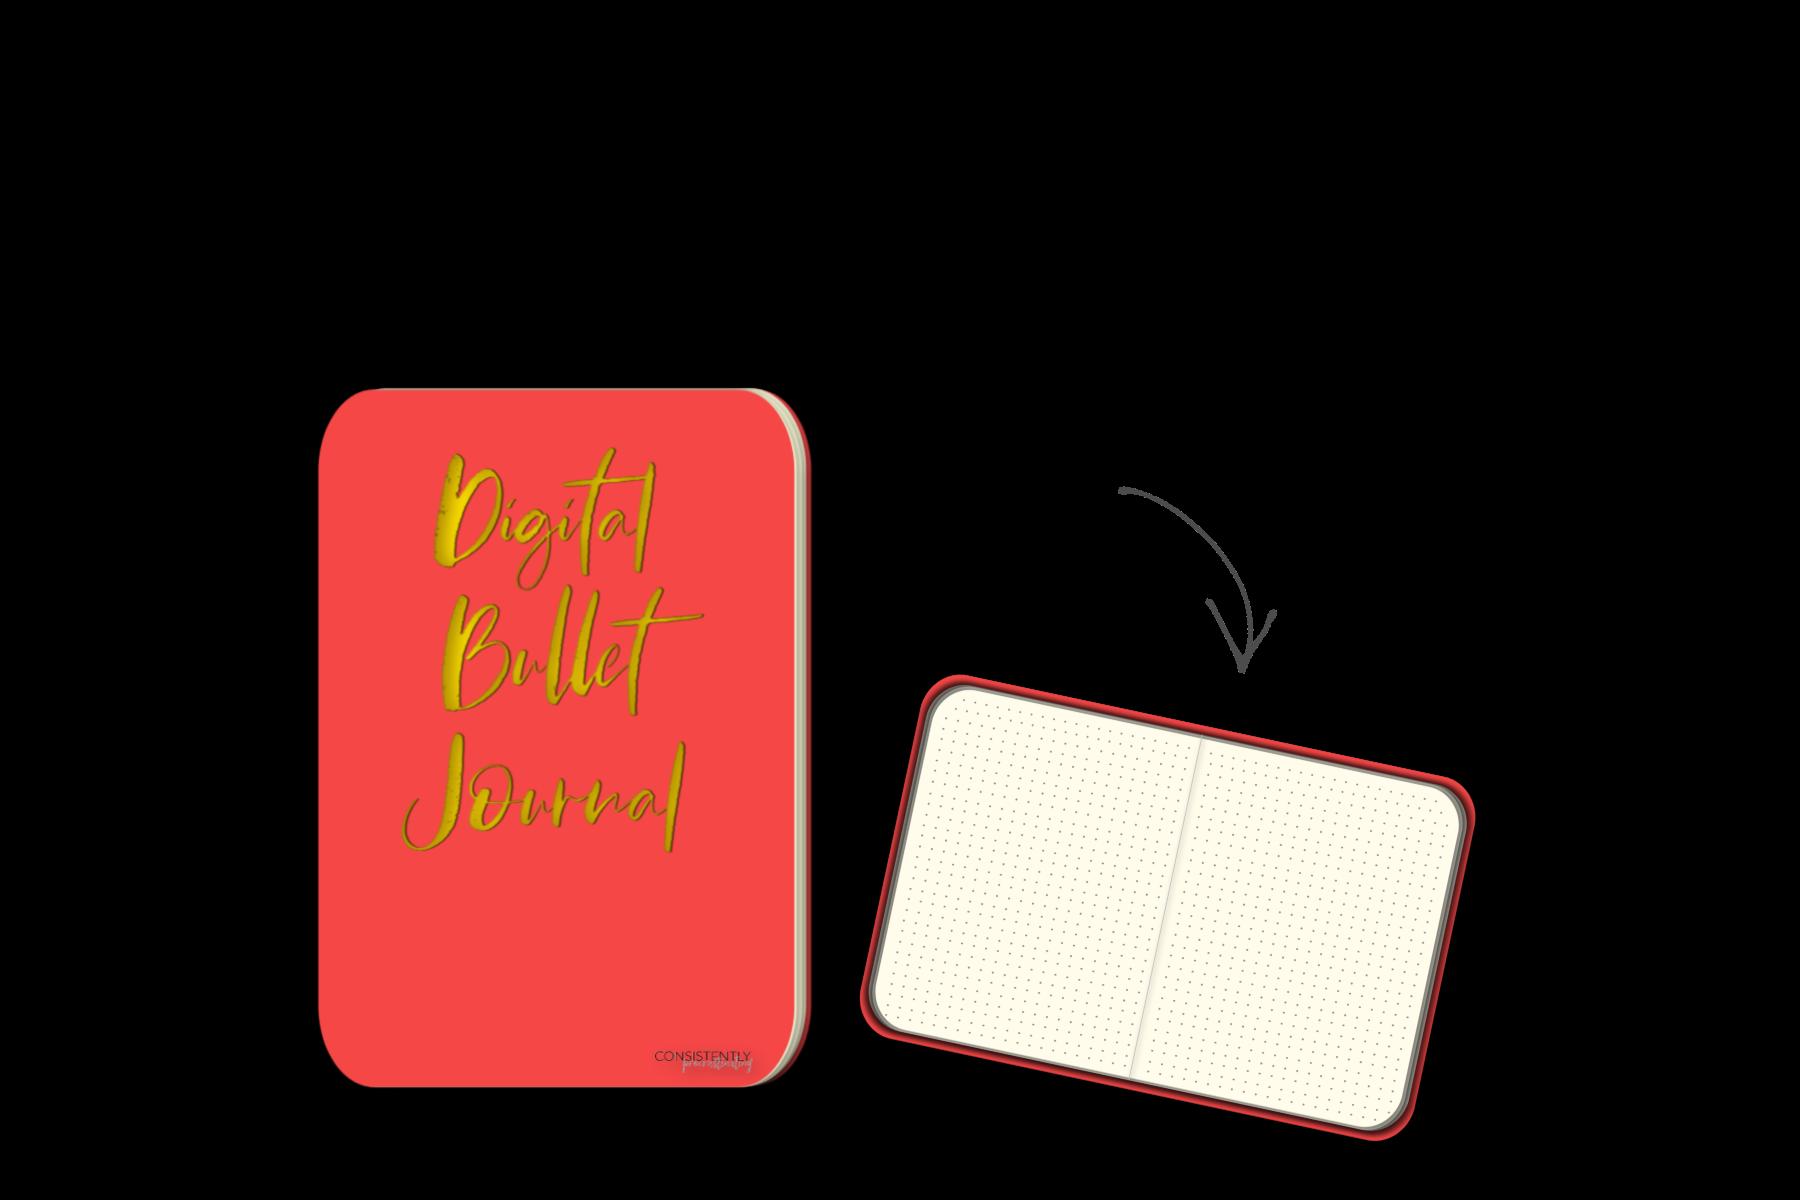 Plain Bullet Journal Optin